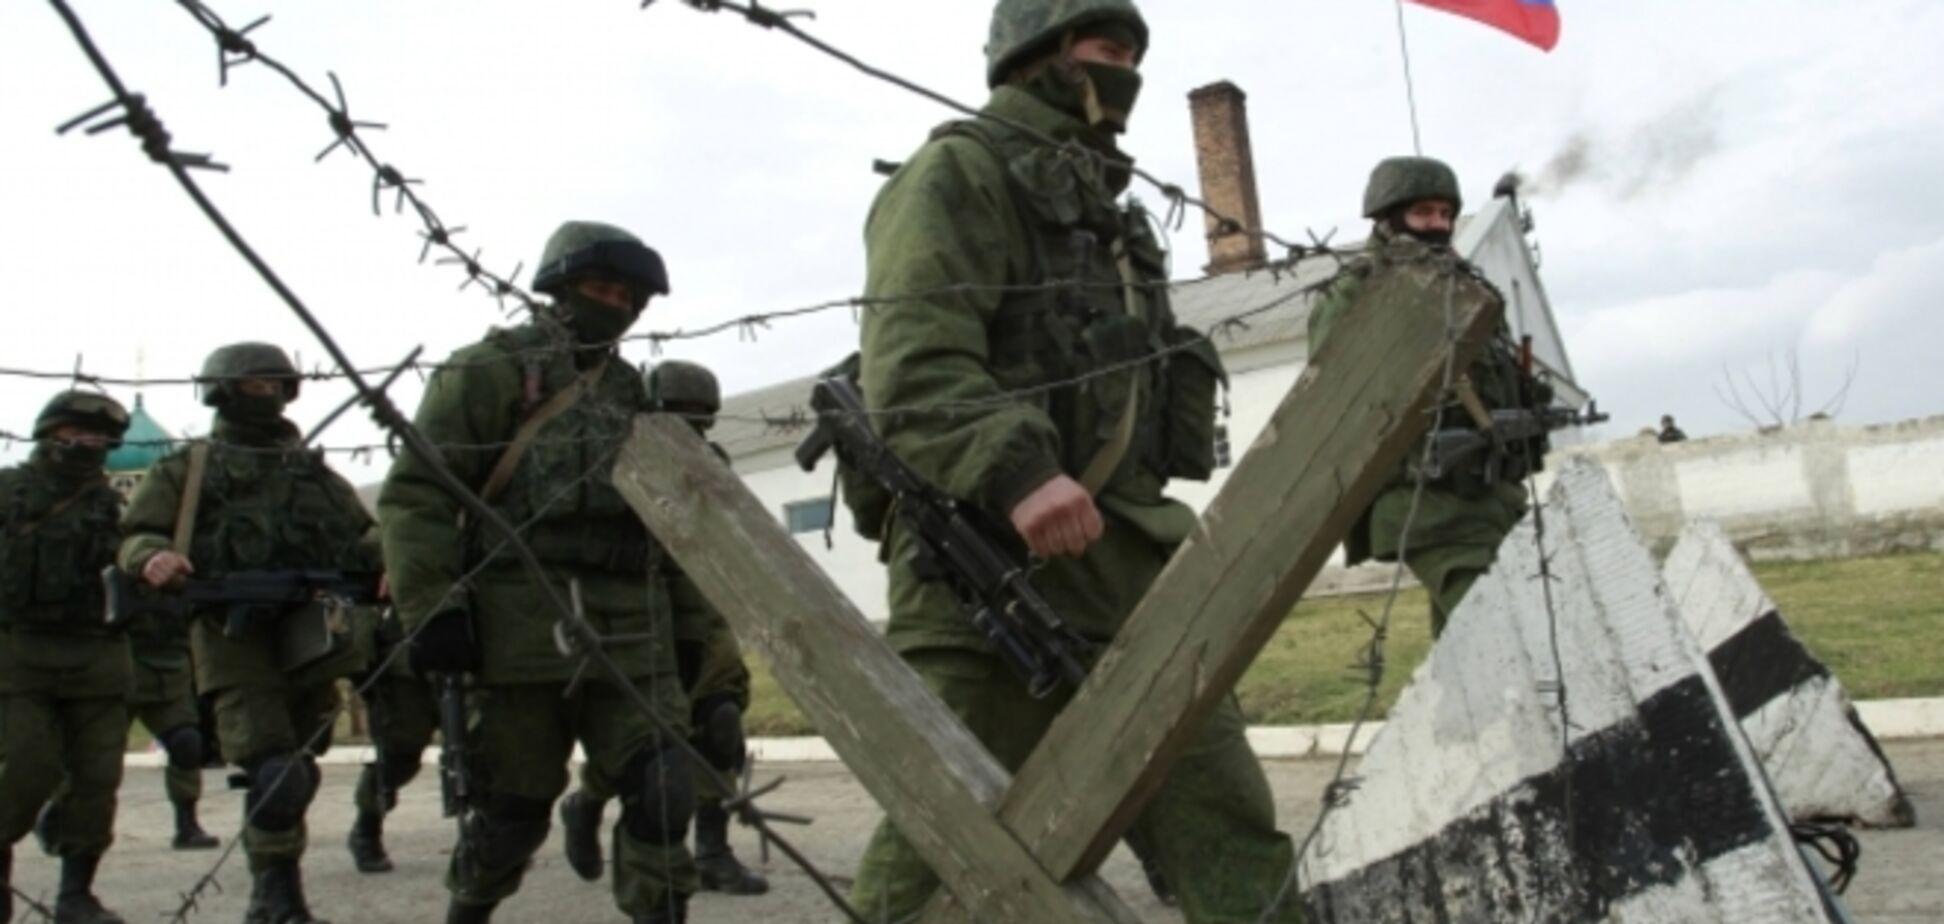 У Луганську в 'націоналізованих' квартирах розмістять постійний контингент російських військ - джерело